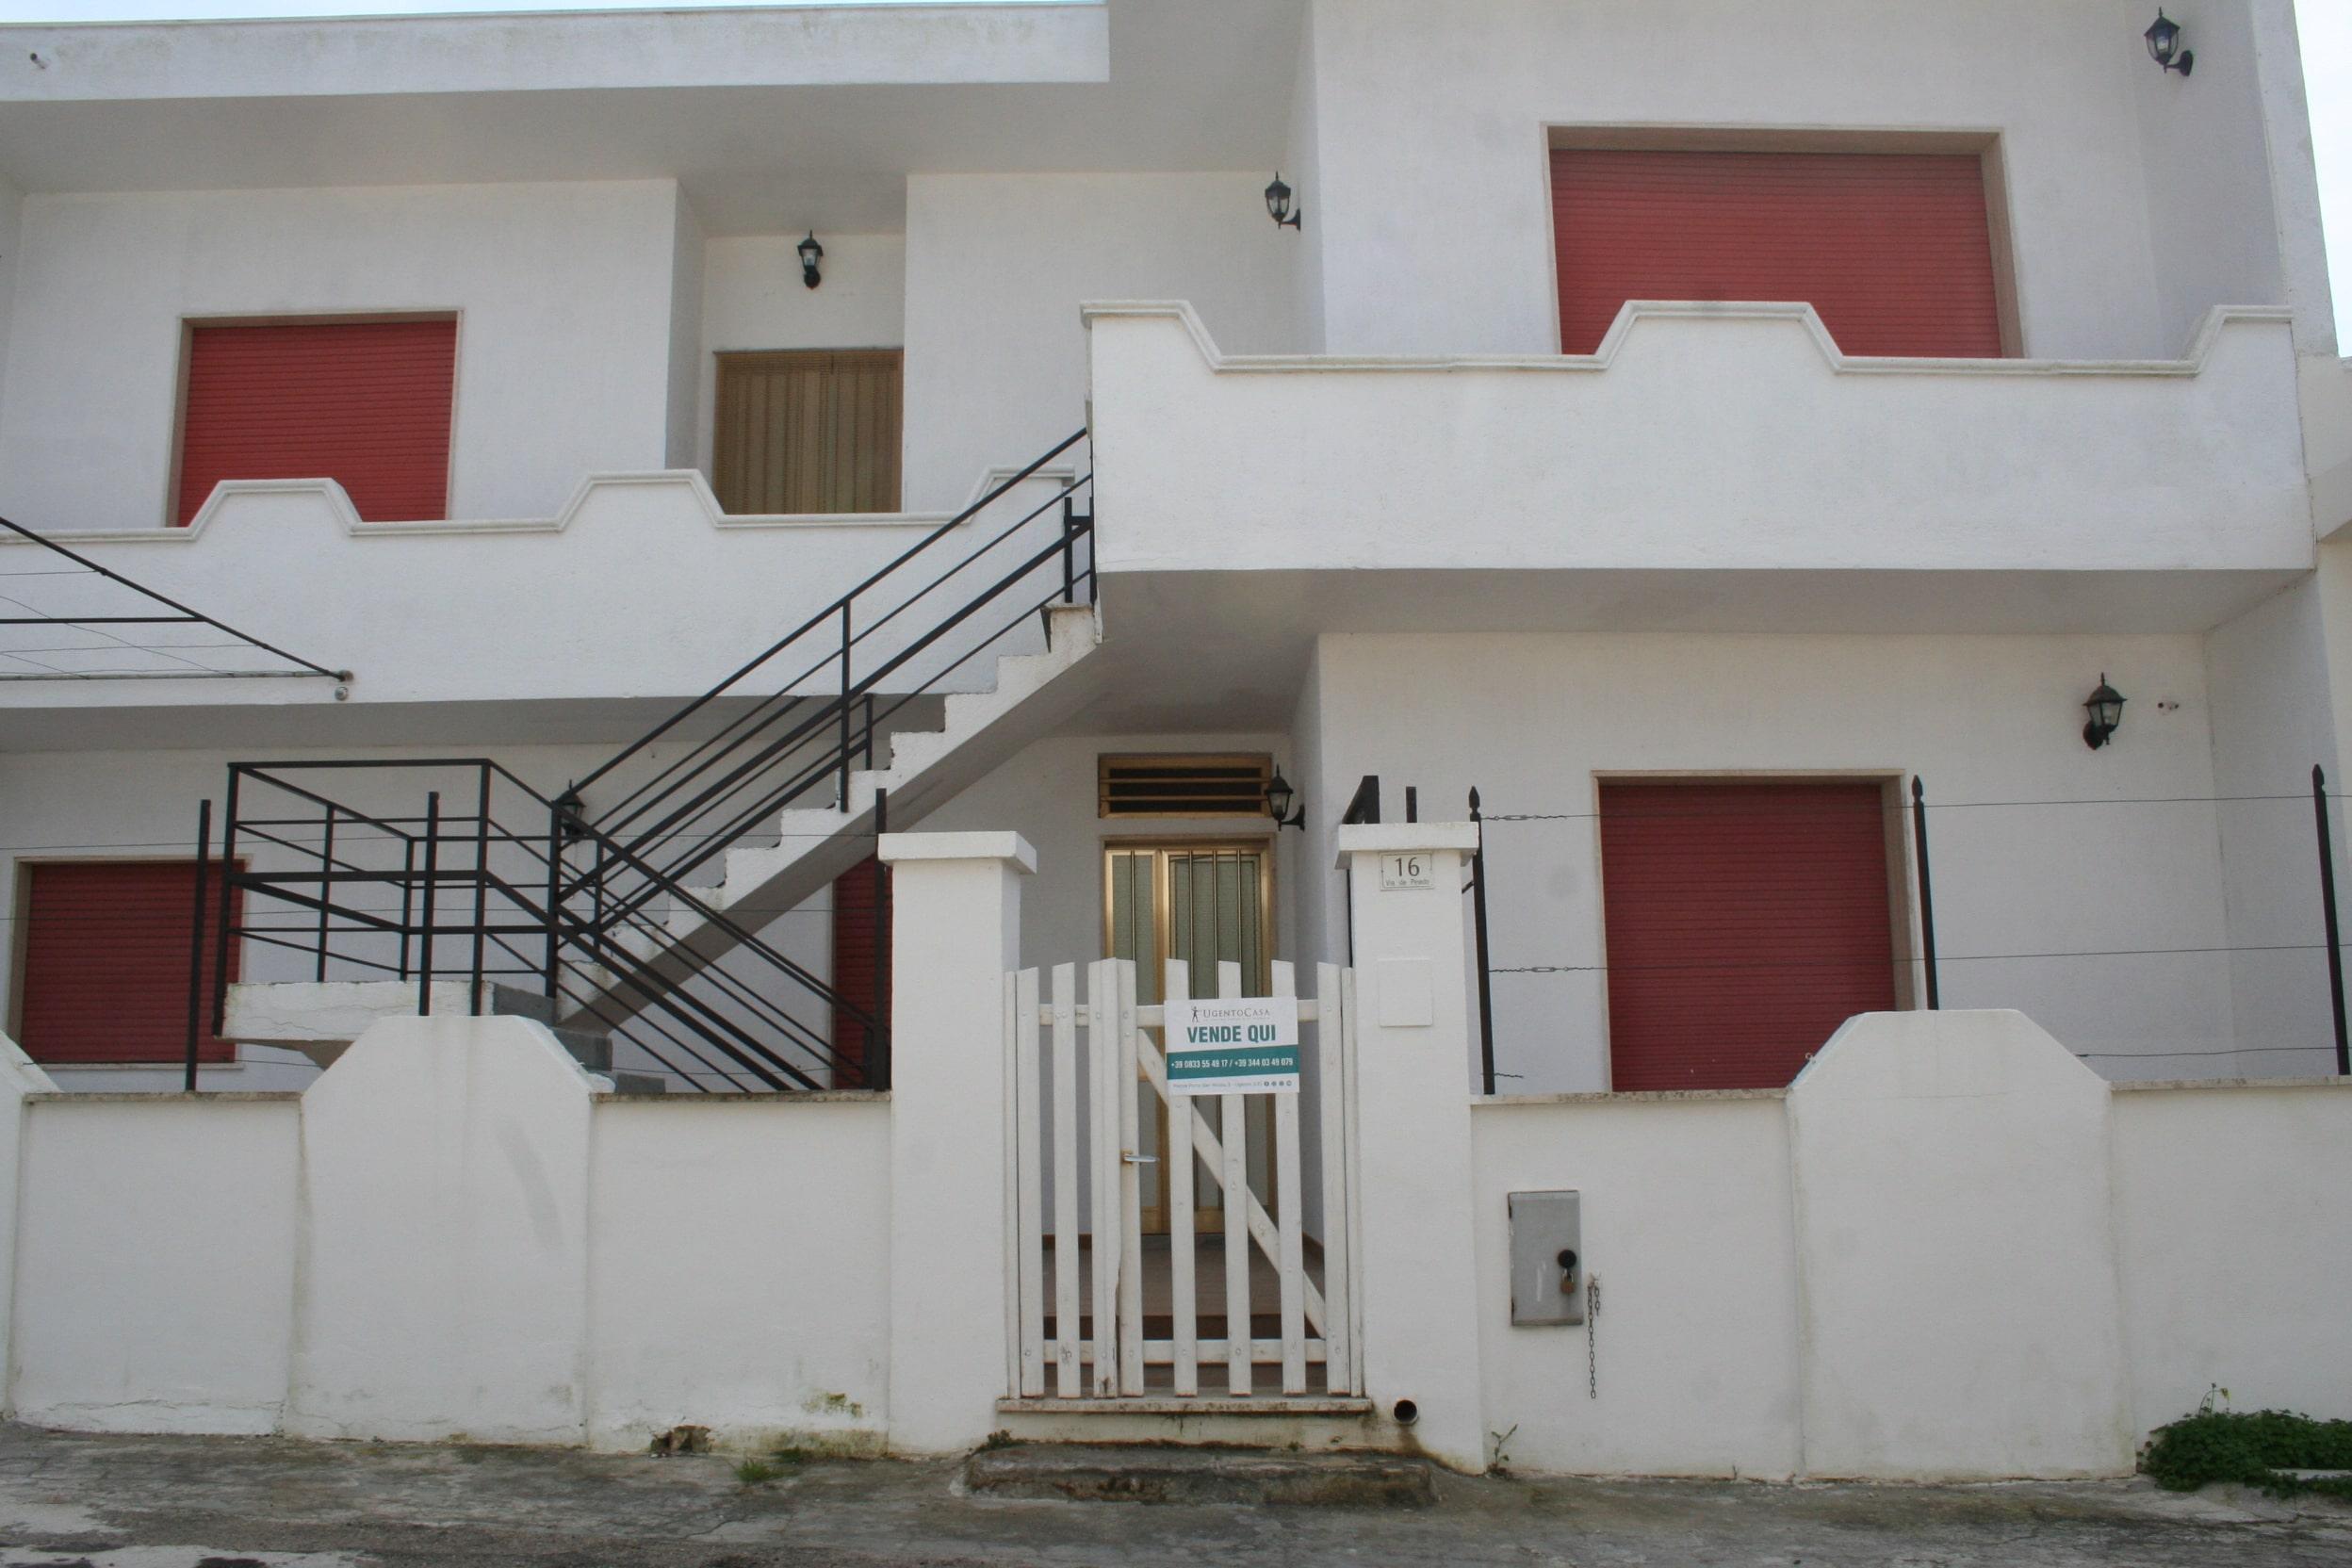 Blocco di cinque appartamenti a pochi metri dal mare